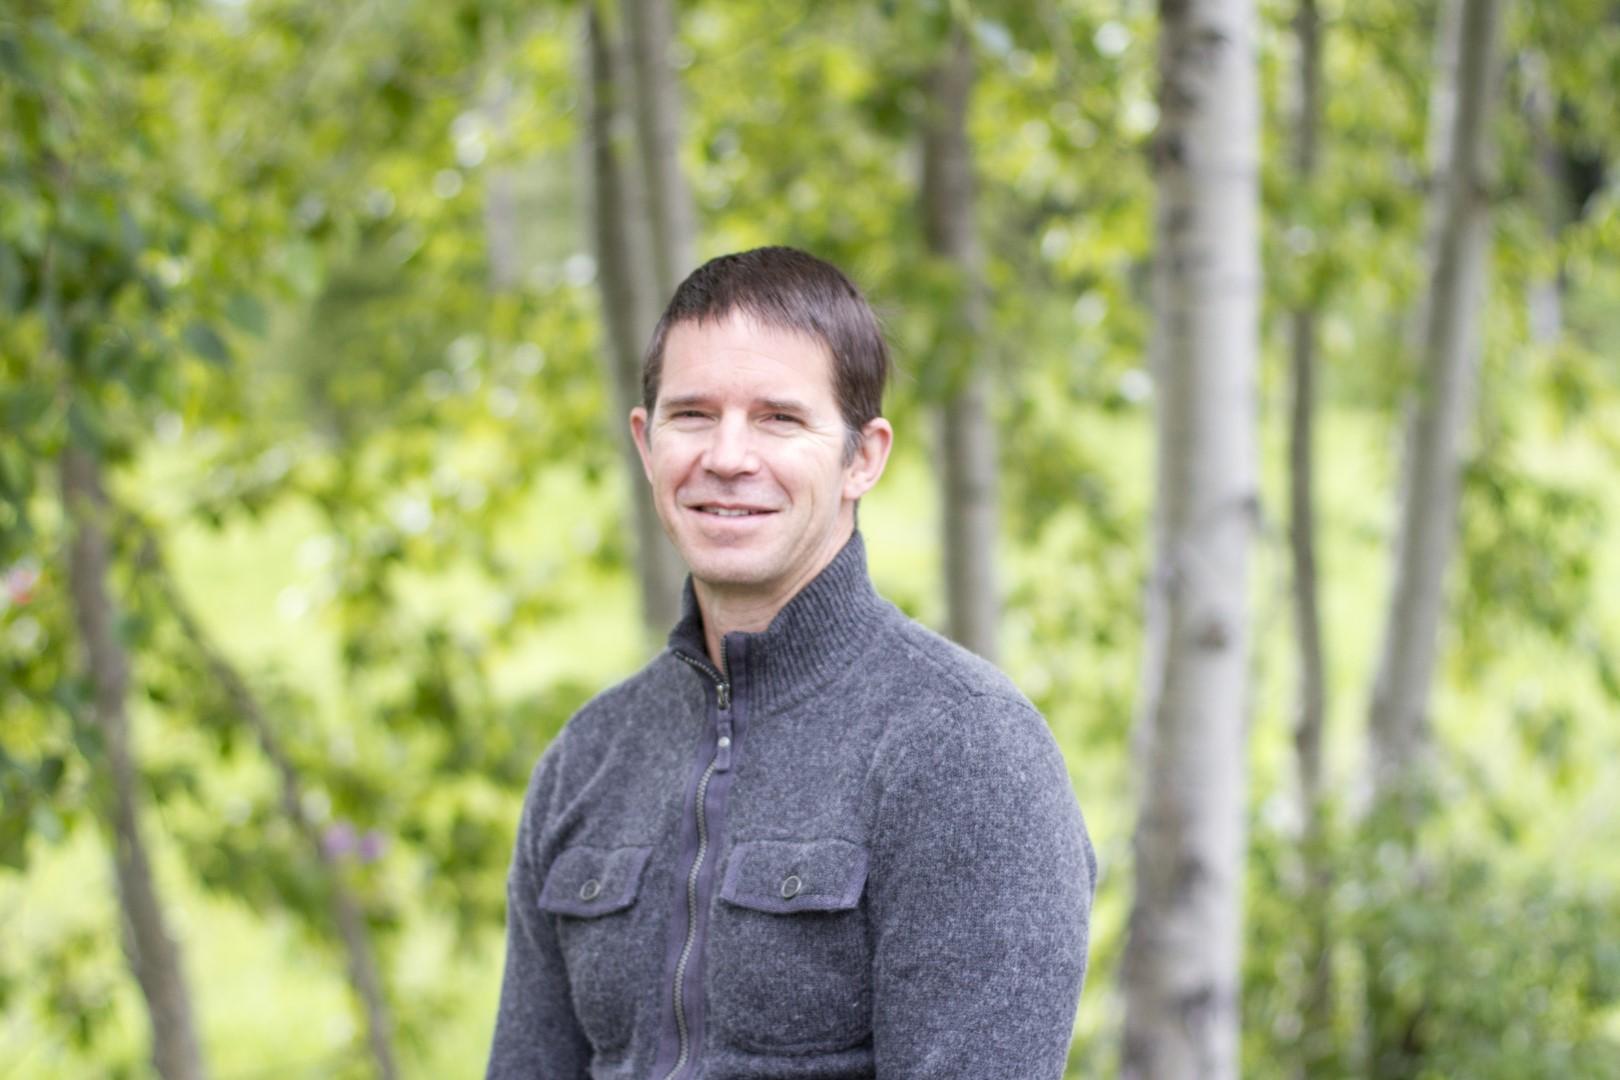 Travis Taylor, Nurse Practitioner at NIOUC, in Ponderay/Sandpoint